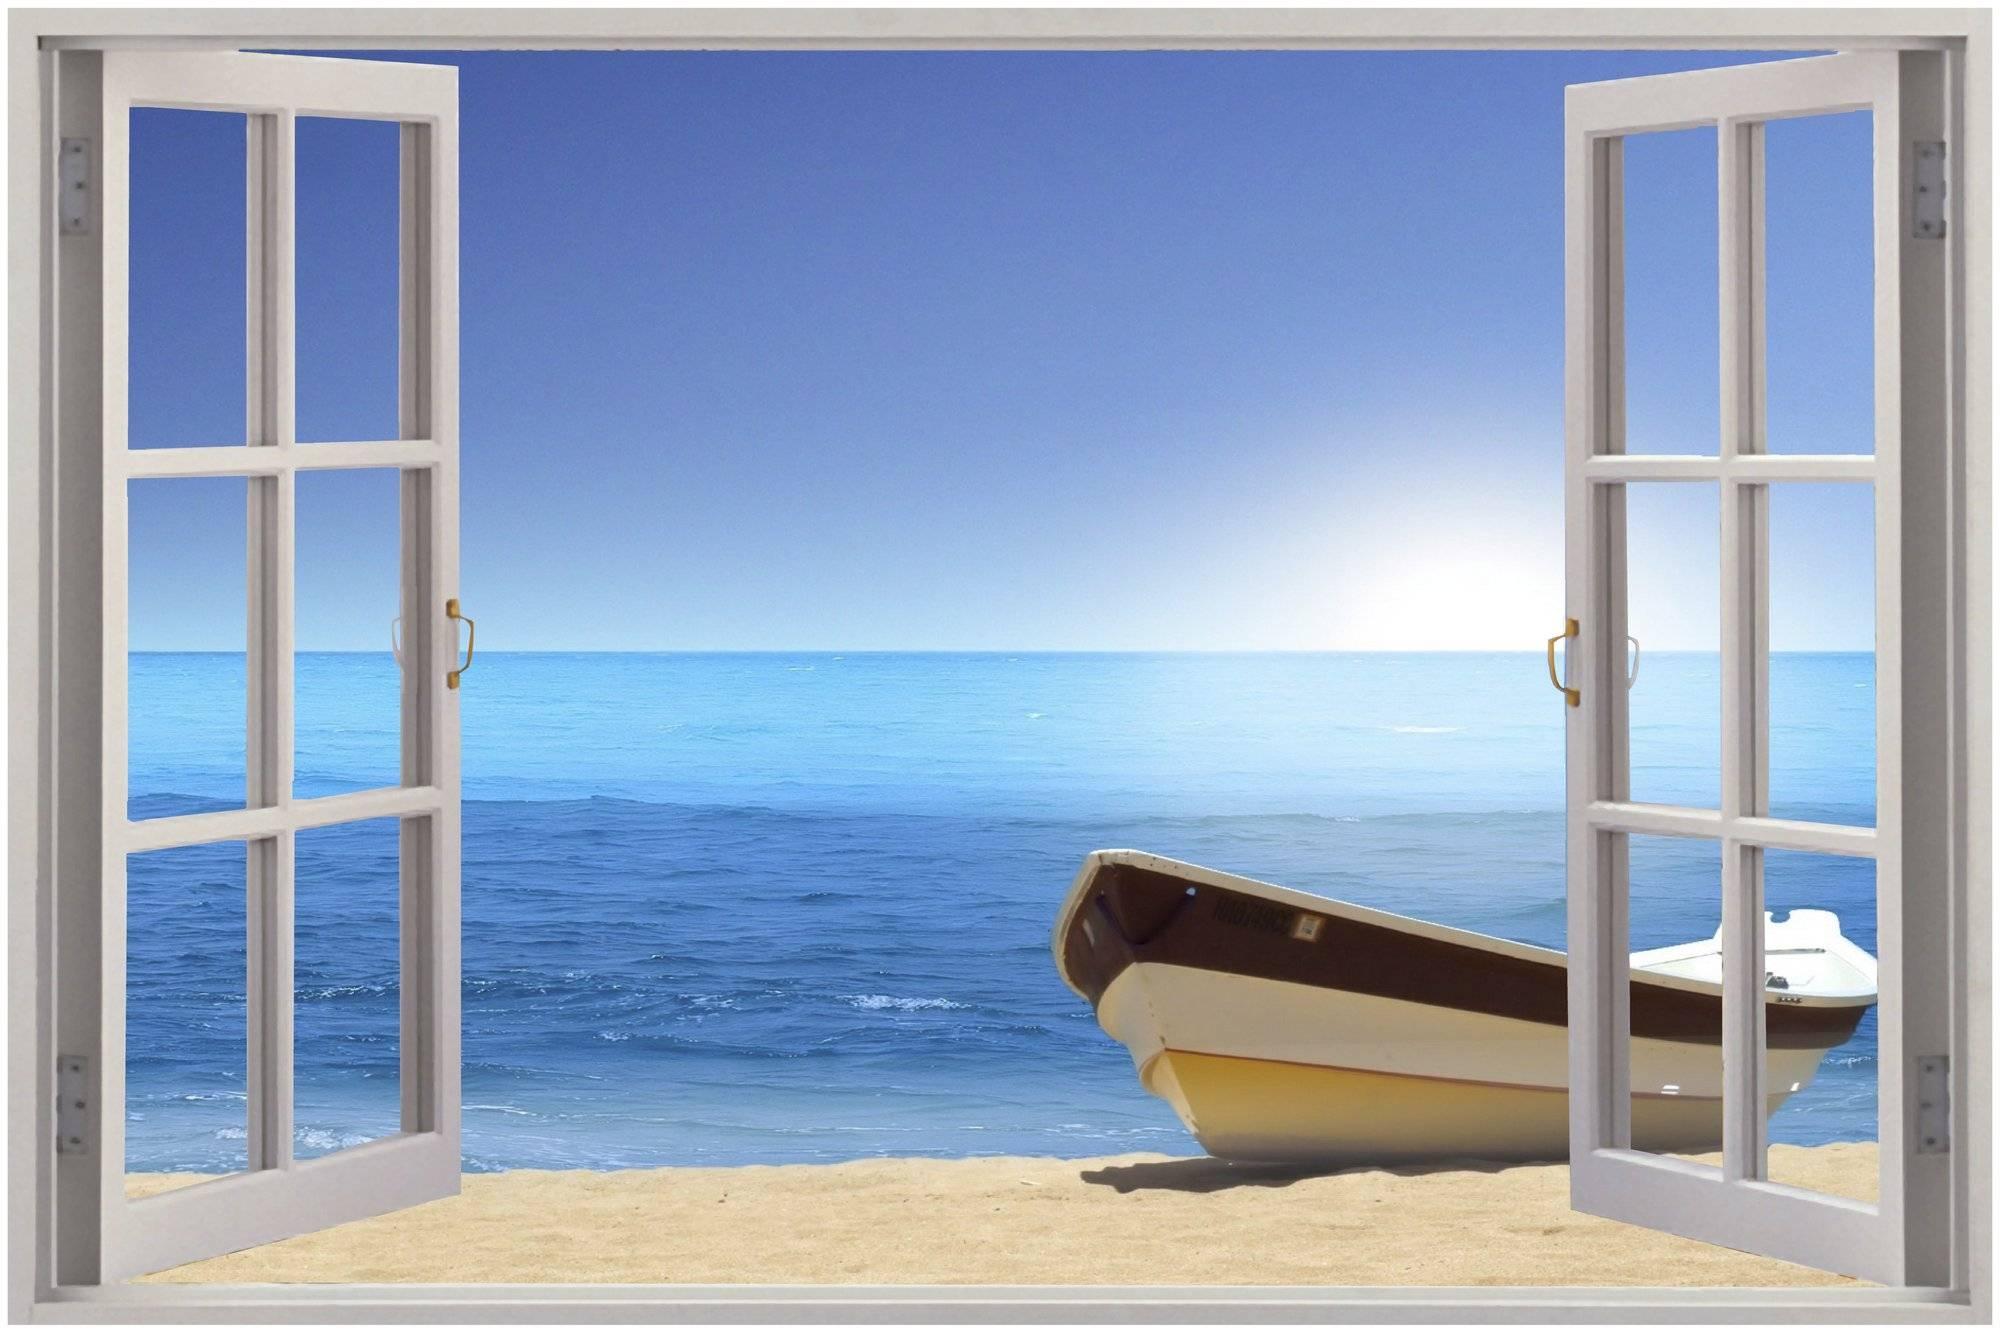 28+ [ Wall Mural Decals Beach ]   Huge 3D Window Exotic Beach View Regarding Most Up To Date Beach 3D Wall Art (View 2 of 20)